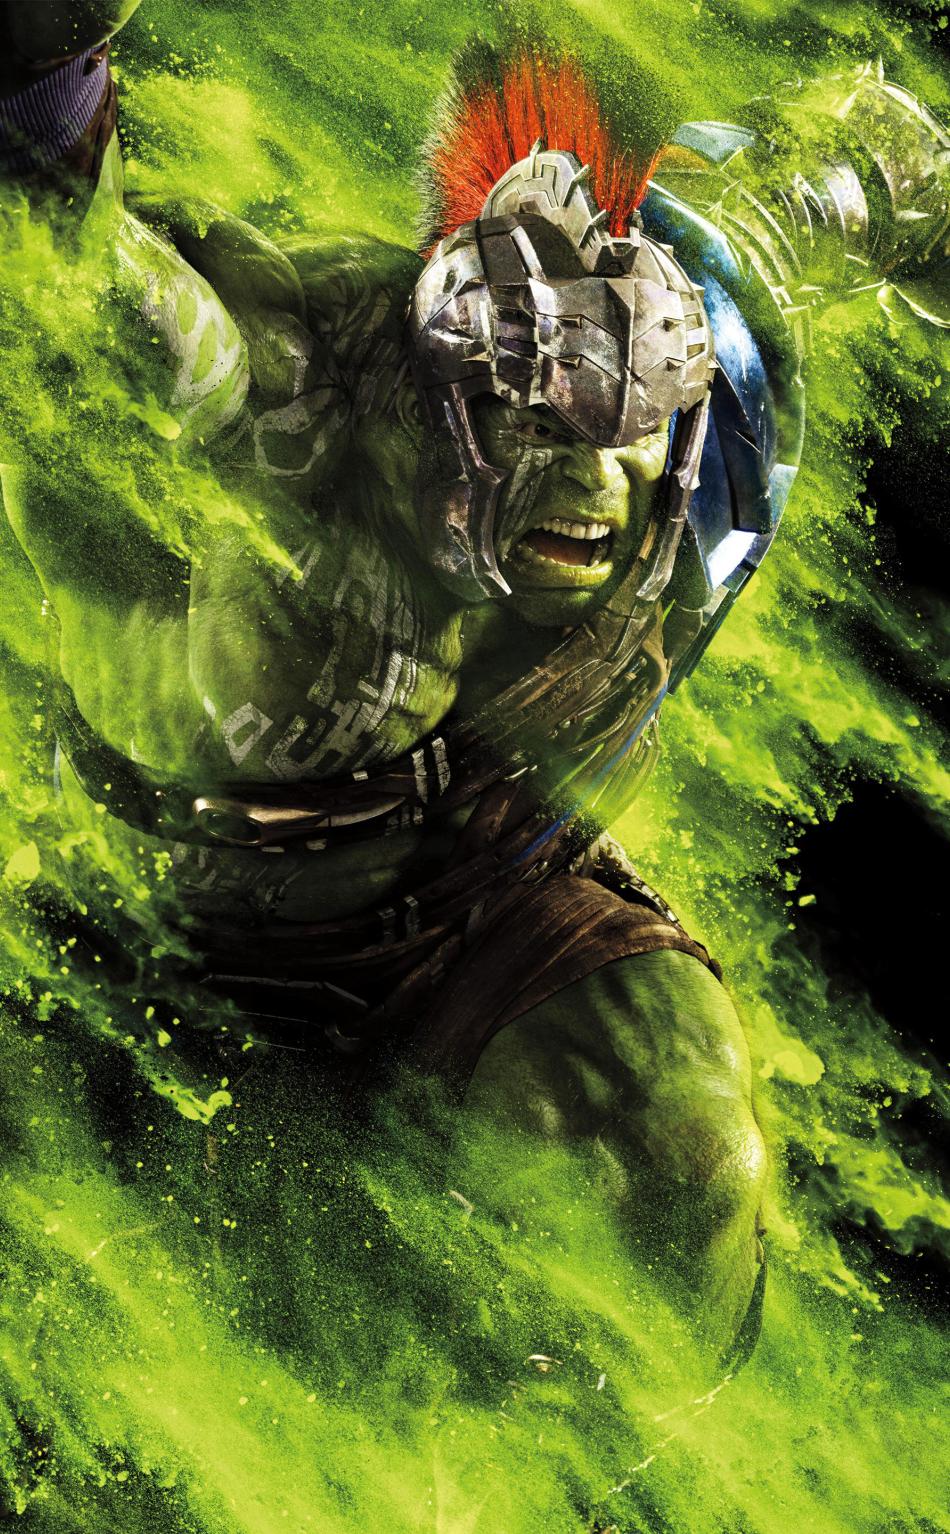 Hulk in thor ragnarok hd 4k wallpaper - Thor ragnarok wallpaper 4k ...